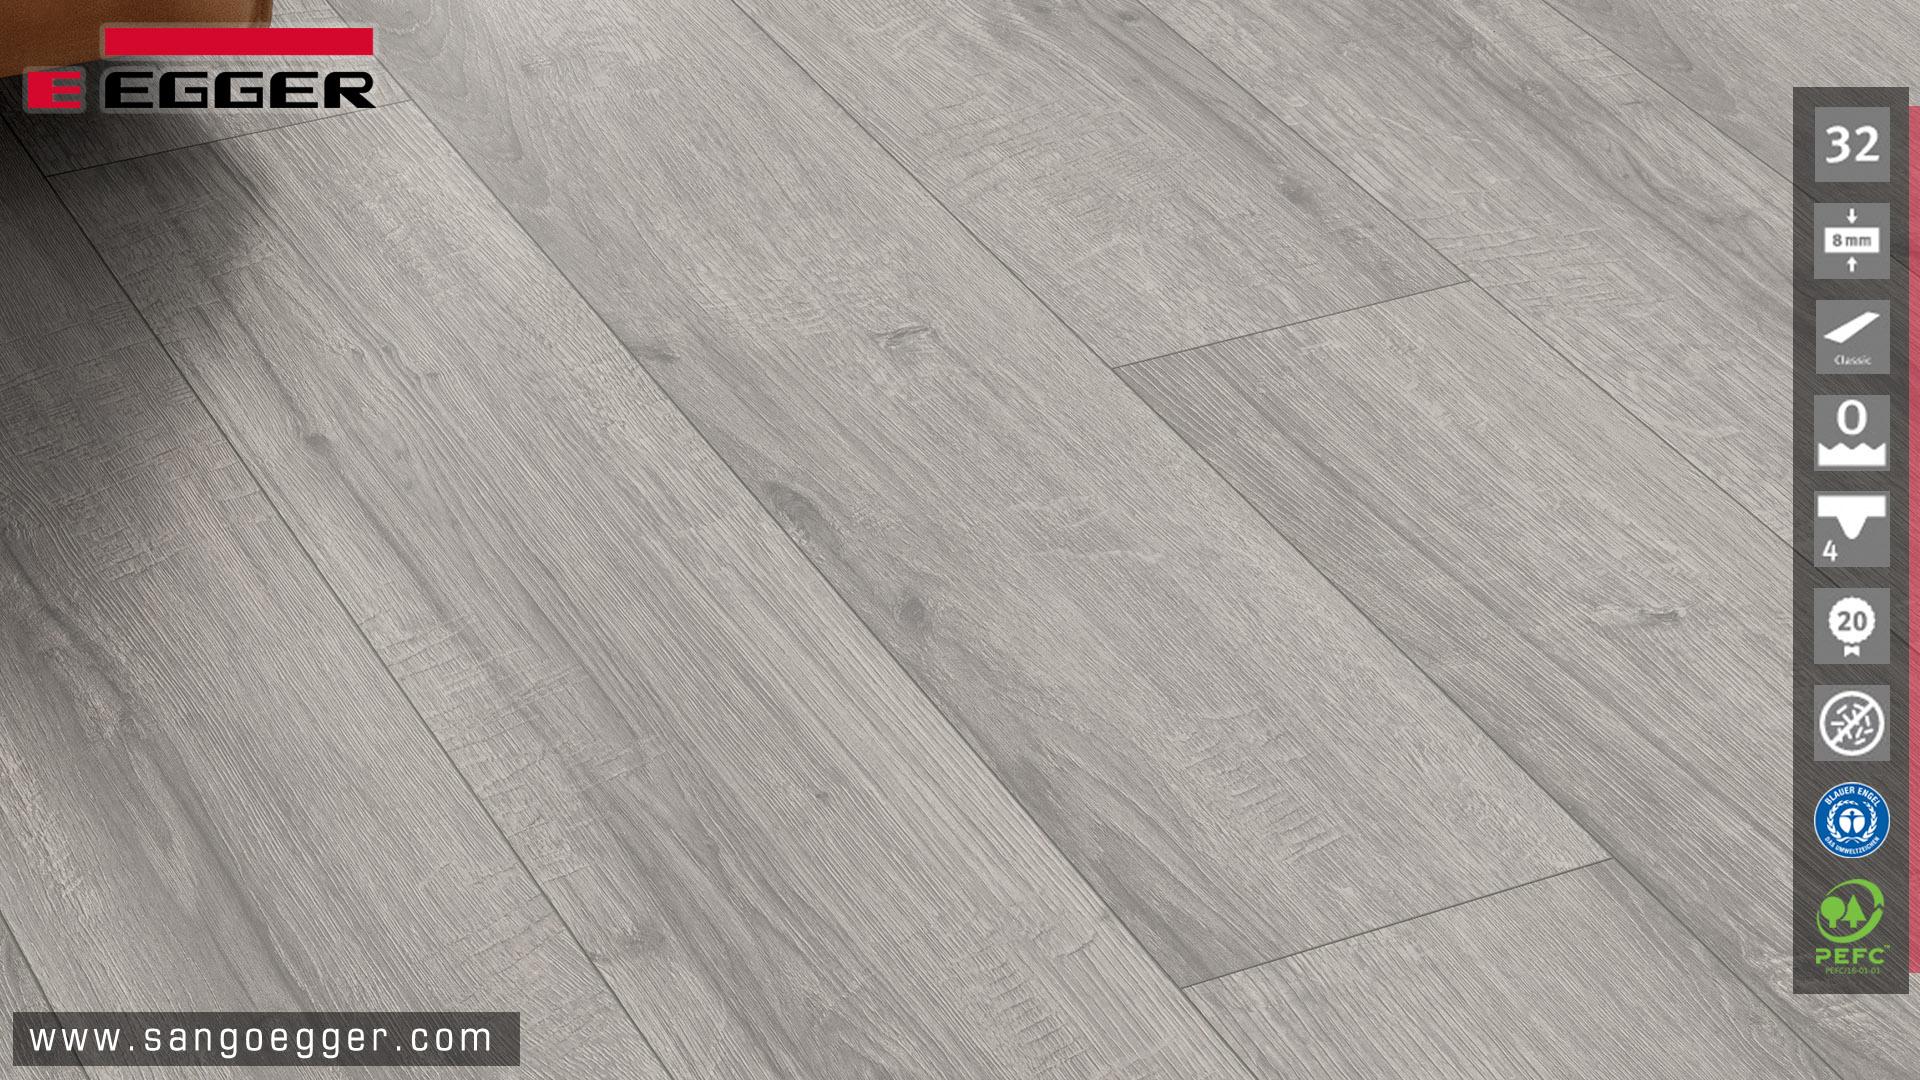 Màu sắc vân gỗ thực thế sàn gỗ Egger EPL205 Classic